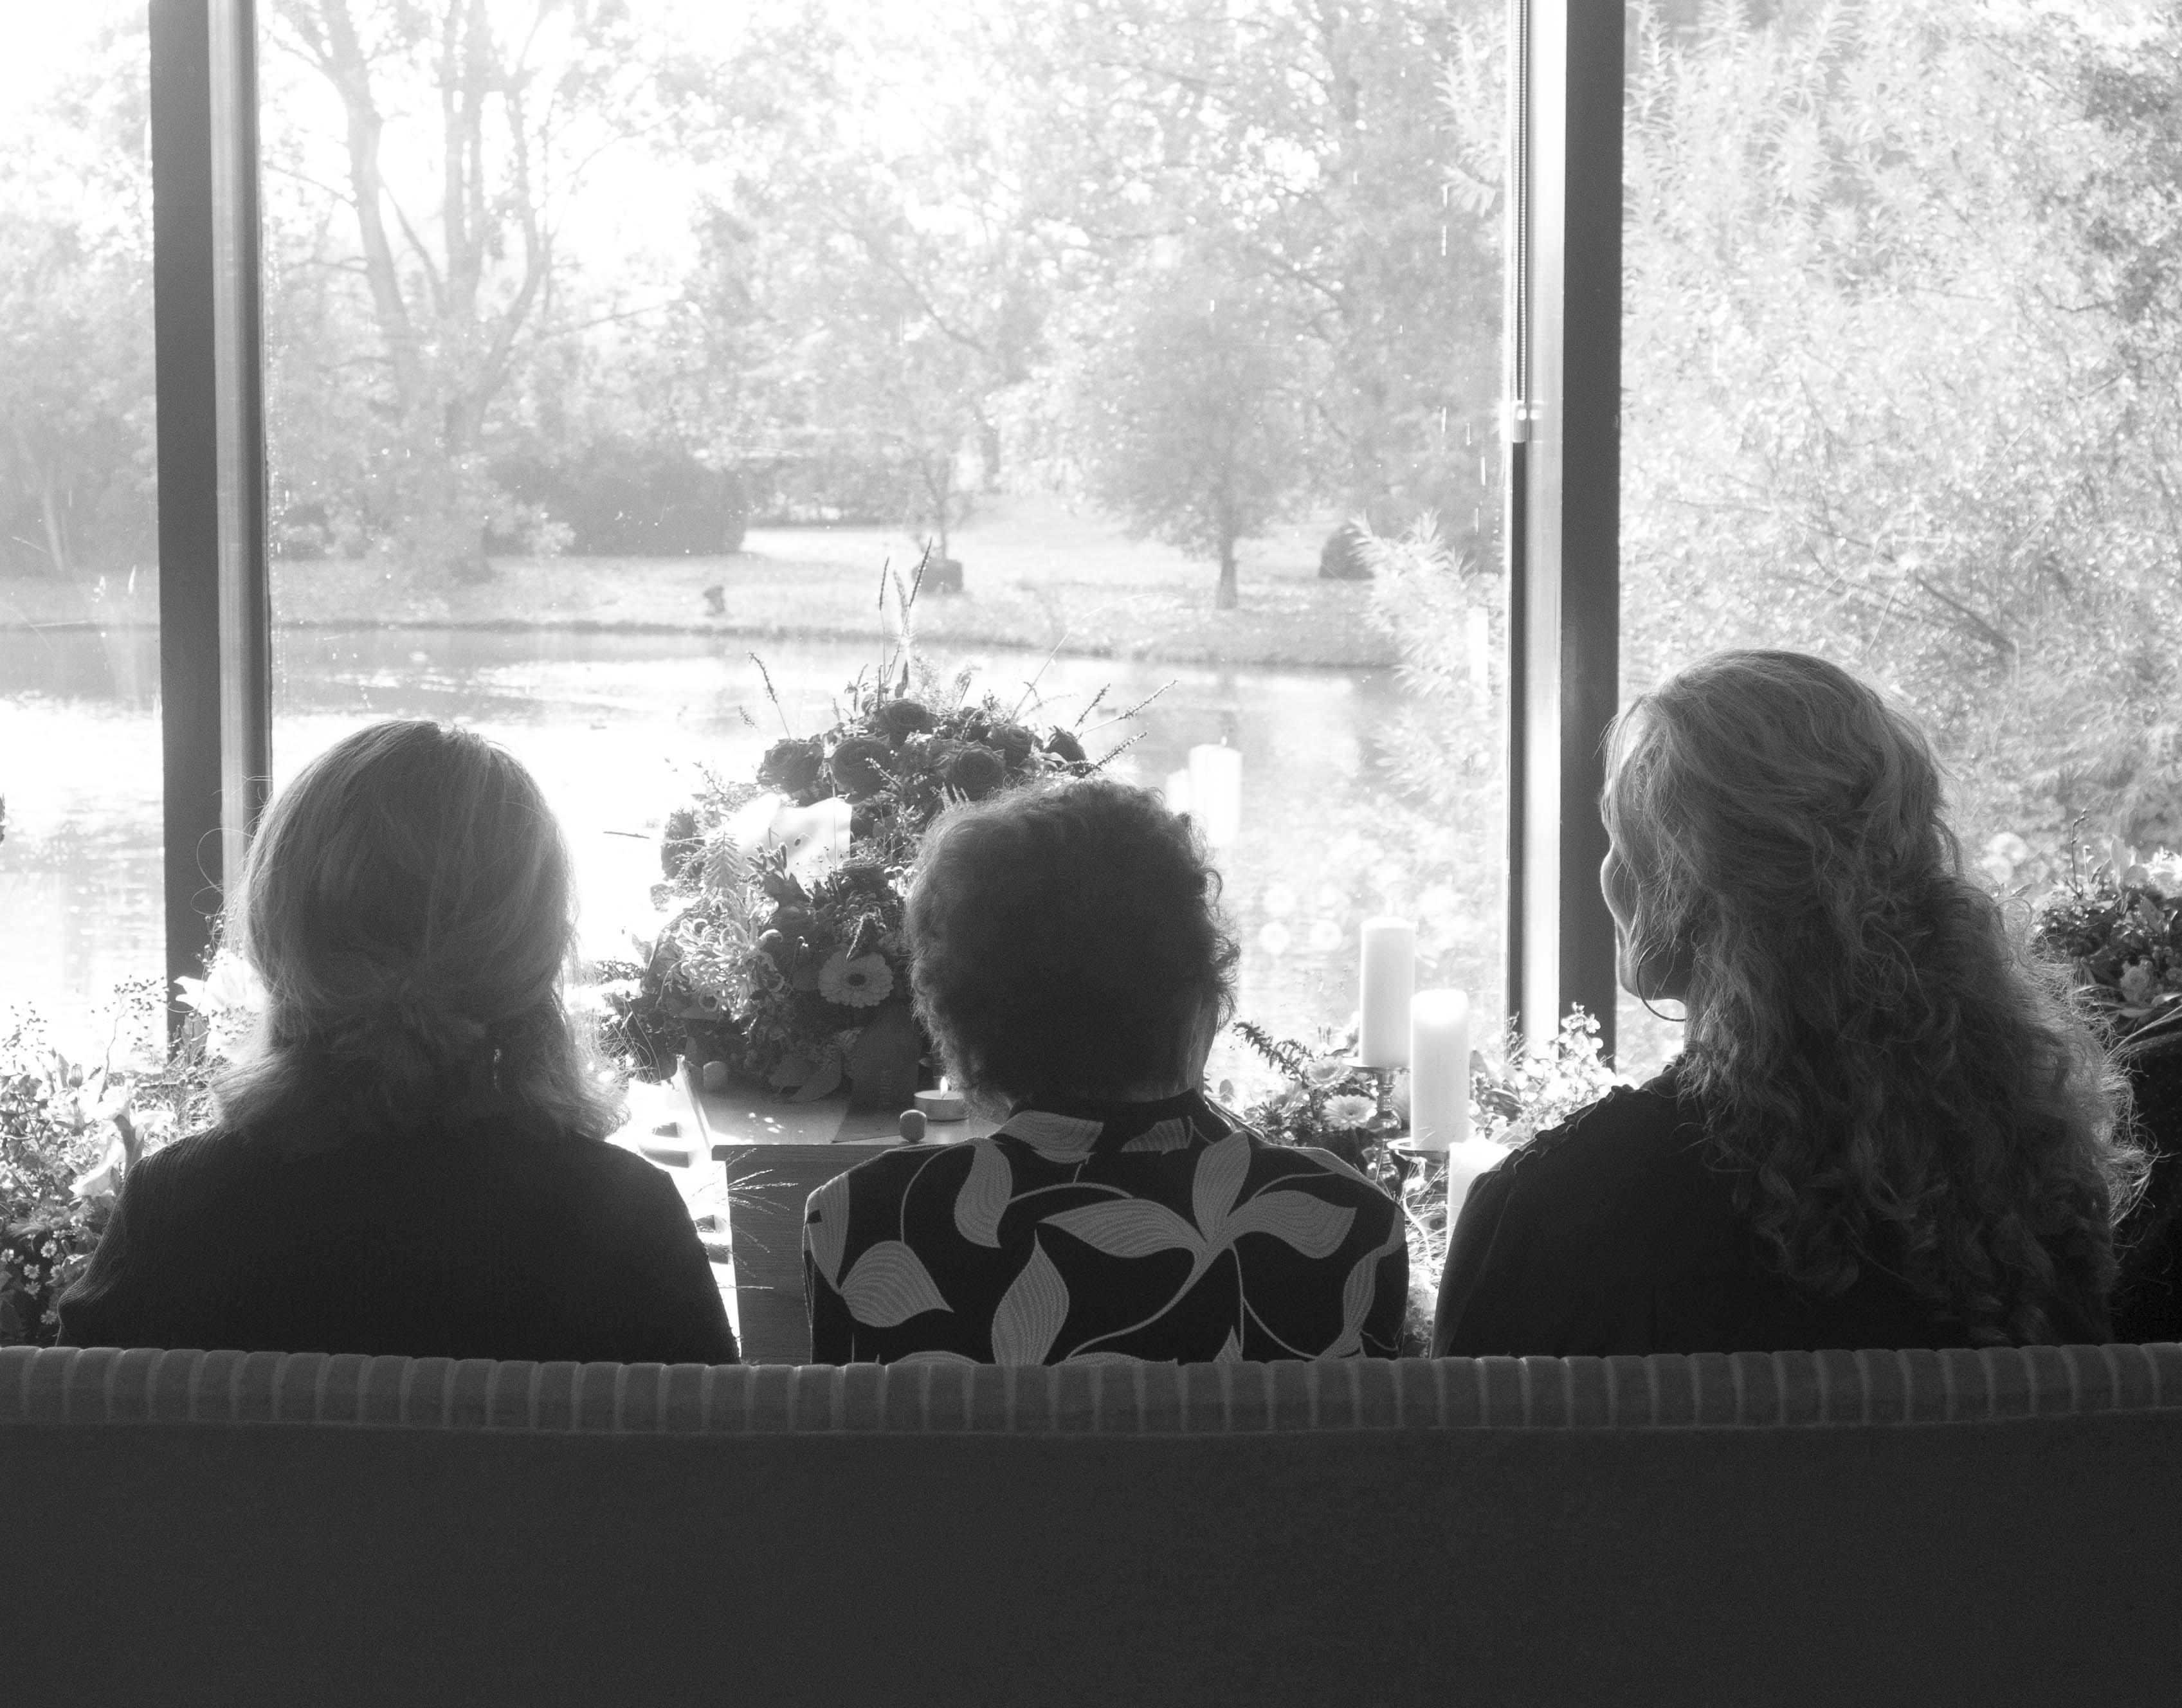 Pedicure uit Warmenhuizen fotografeert uitvaarten. 'Iedereen heeft foto's van emotionele momenten, een bruiloft of geboorte, verjaardagen. Waarom niet van het afscheid?'